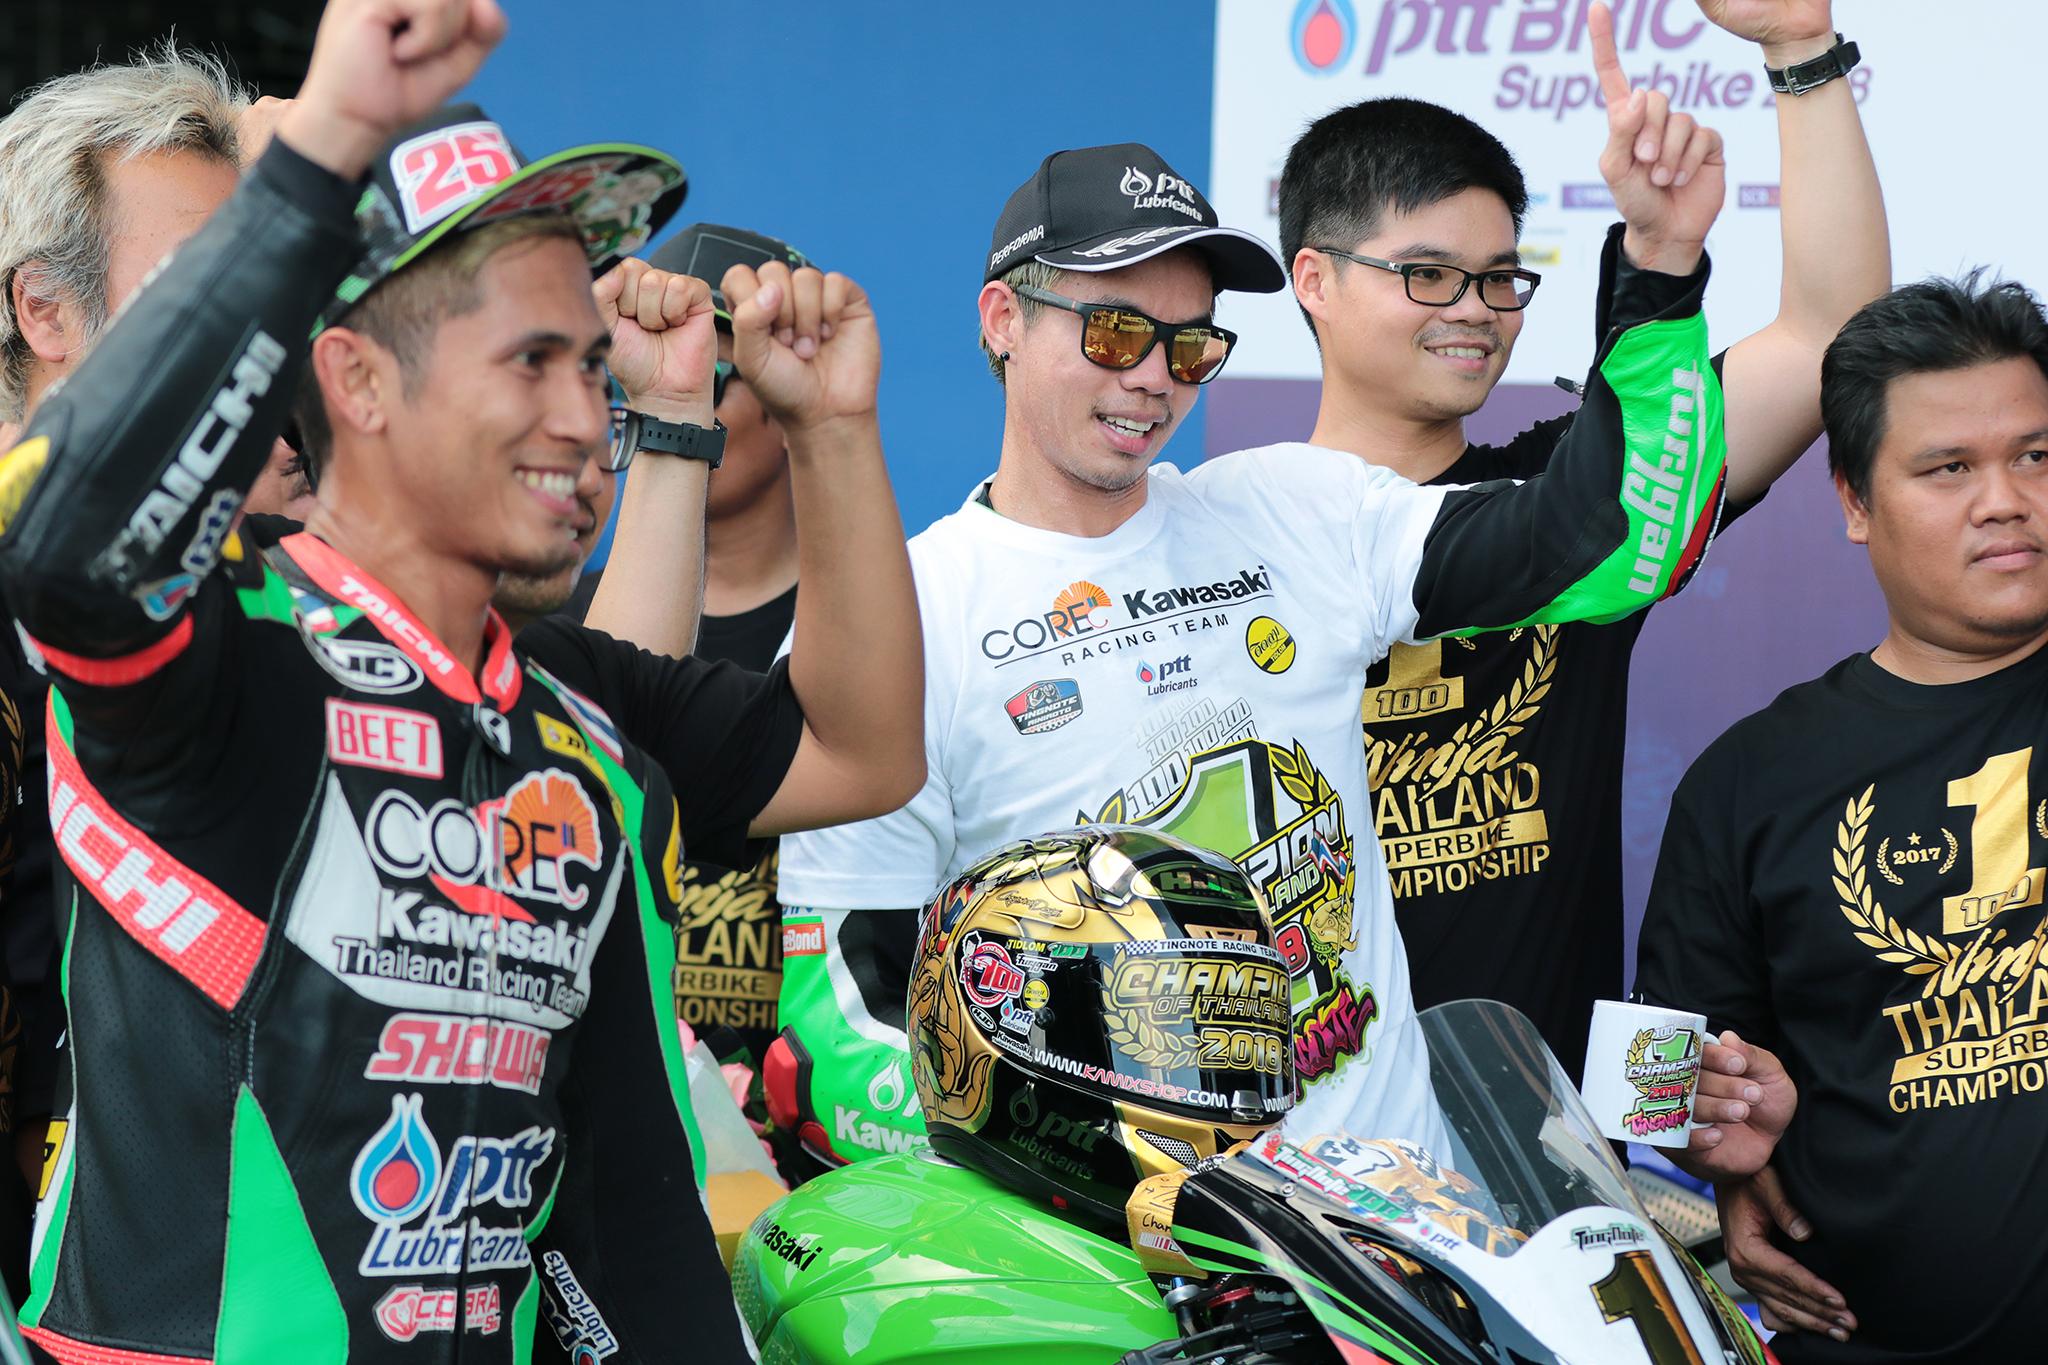 Thitipong and Kawasaki keep Yamaha at bay to seal a second BRIC Superbike title at 2018 season closer